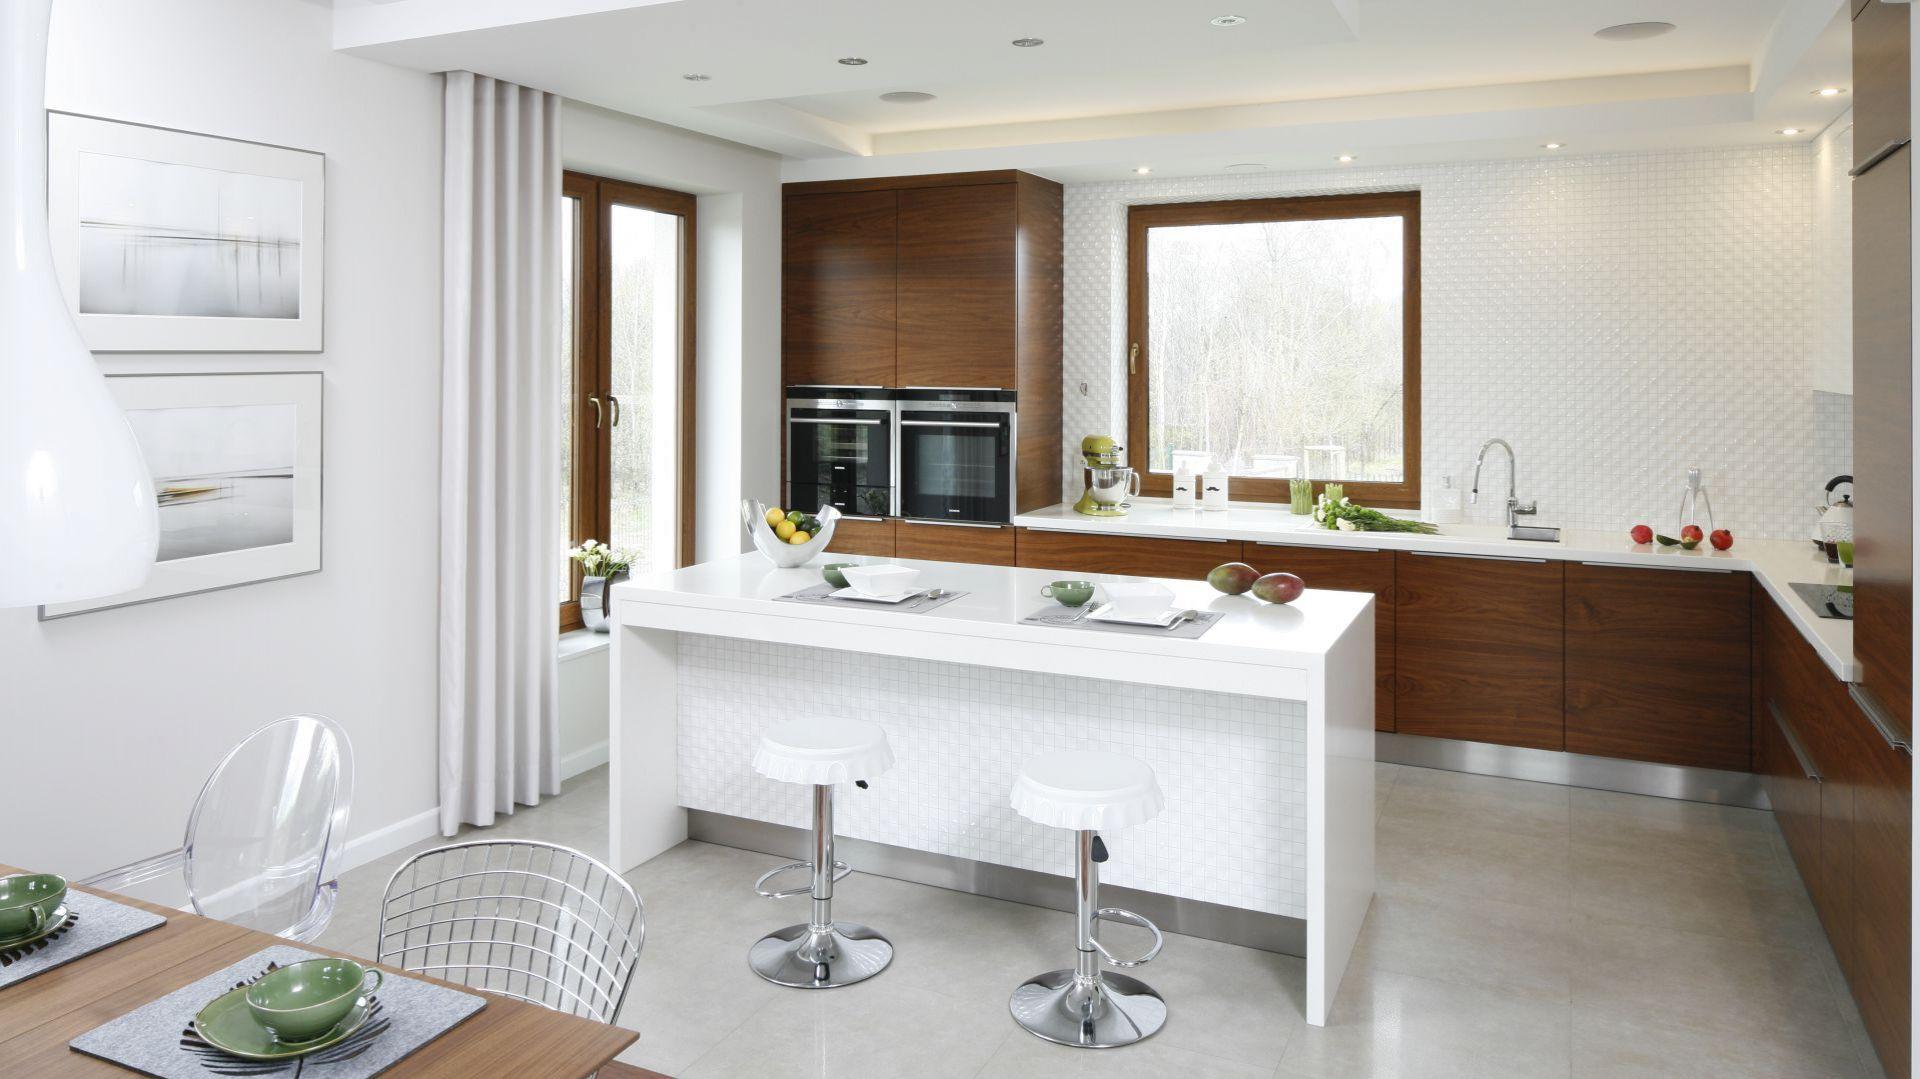 wyspa-w-kuchni-20-gotowych-projektow-15.jpg